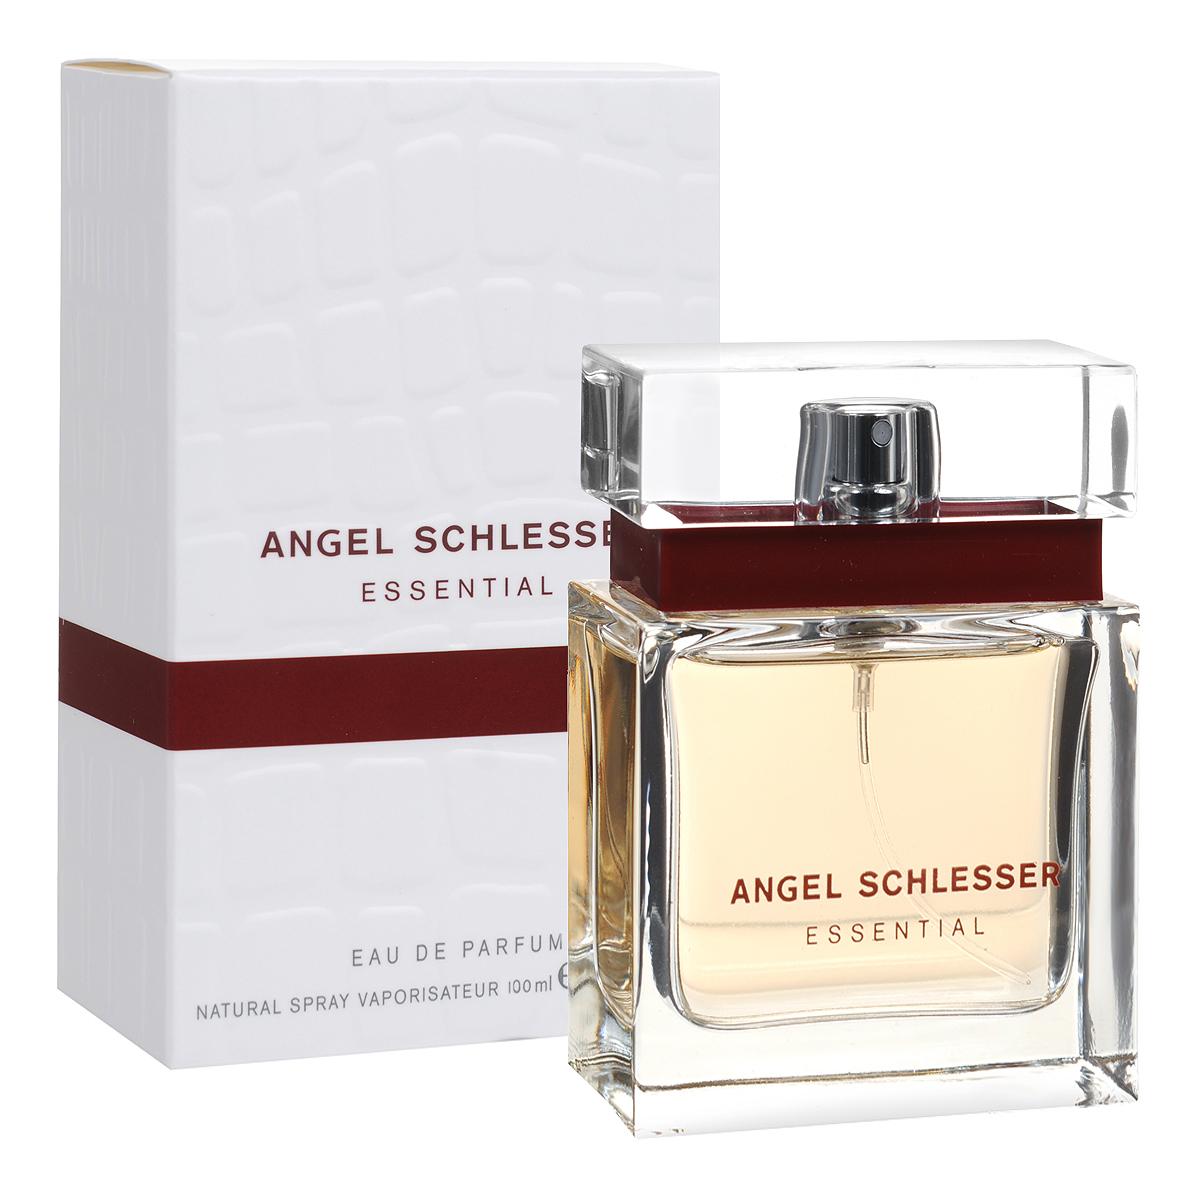 Angel Schlesser Парфюмерная вода Essential, женская, 100 мл64001493000Женский аромат Angel Schlesser Essential создан для современной, уверенной в себе женщины, которая следит за новыми тенденциями в мире моды и парфюмерии. Он посвящен элегантной, соблазнительной и неповторимой женщине. Она обладает яркой маняще-откровенной красотой, но в то же время скрывает в себе неразрешимую притягательную тайну. Эта тайна делает ее особенной, непохожей на других, наполняя сосуд ее красоты бесконечным и драгоценным содержанием.Классификация аромата: цветочно-фруктовый.Пирамида аромата:Верхние ноты: бергамот, красная смородина, свежесть фруктов.Ноты сердца: болгарская роза, пион, фрезия, фиалка..Ноты шлейфа:мускус, ветивер, сандал. Ключевые слованежный, свежий! Самый популярный вид парфюмерной продукции на сегодняшний день - парфюмерная вода. Это объясняется оптимальным балансом цены и качества - с одной стороны, достаточно высокая концентрация экстракта (10-20% при 90% спирте), с другой - более доступная, по сравнению с духами, цена. У многих фирм парфюмерная вода - самый высокий по концентрации экстракта вид товара, т.к. далеко не все производители считают нужным (или возможным) выпускать свои ароматы в виде духов. Как правило, парфюмерная вода всегда в спрее-пульверизаторе, что удобно для использования и транспортировки. Так что если духи по какой-либо причине приобрести нельзя, парфюмерная вода, безусловно, - самая лучшая им замена.Товар сертифицирован.